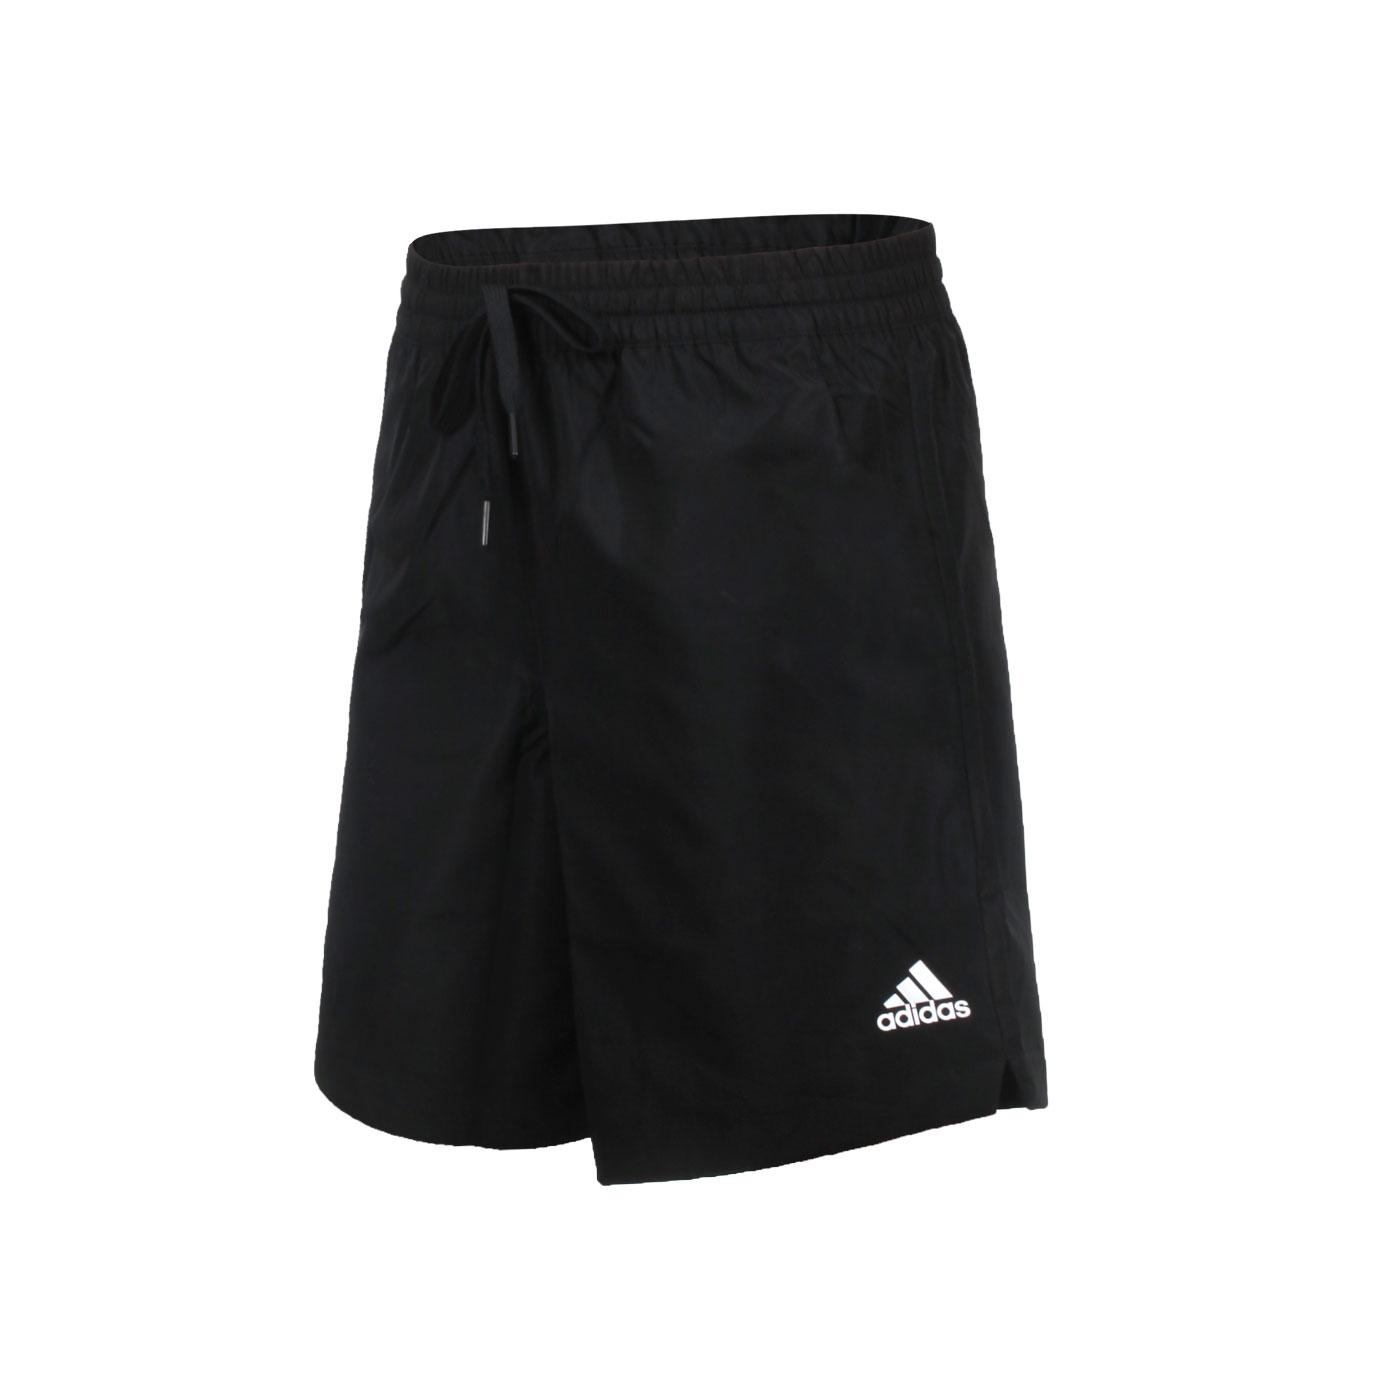 ADIDAS 女款運動短褲 GL0703 - 黑白